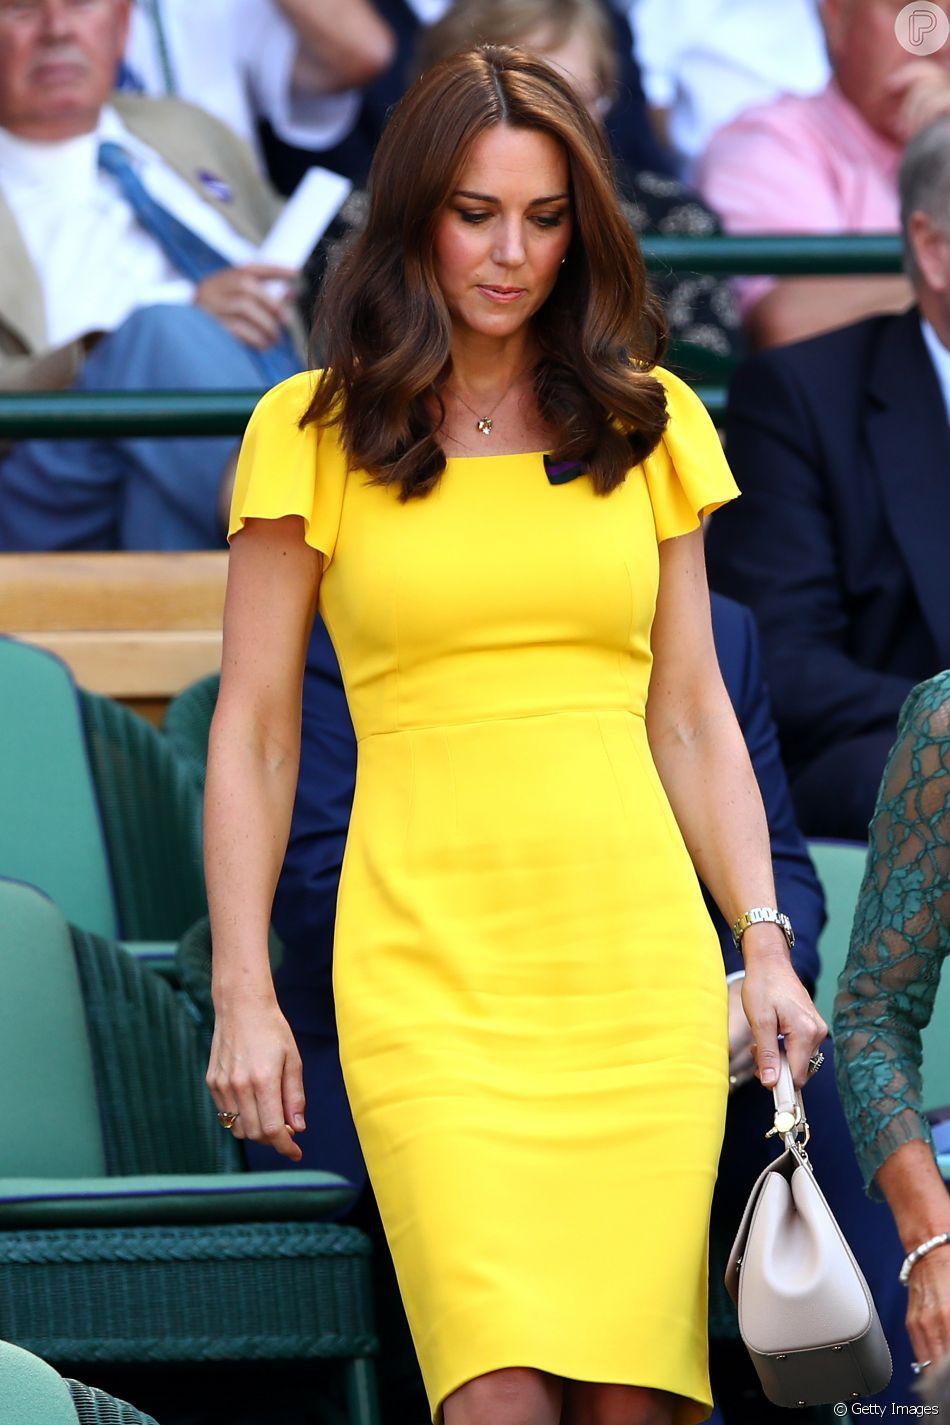 Kate Middleton acompanha o marido, príncipe William, na final masculina em Wimbledon, em Londres, na Inglaterra, neste domingo, 15 de julho de 2018